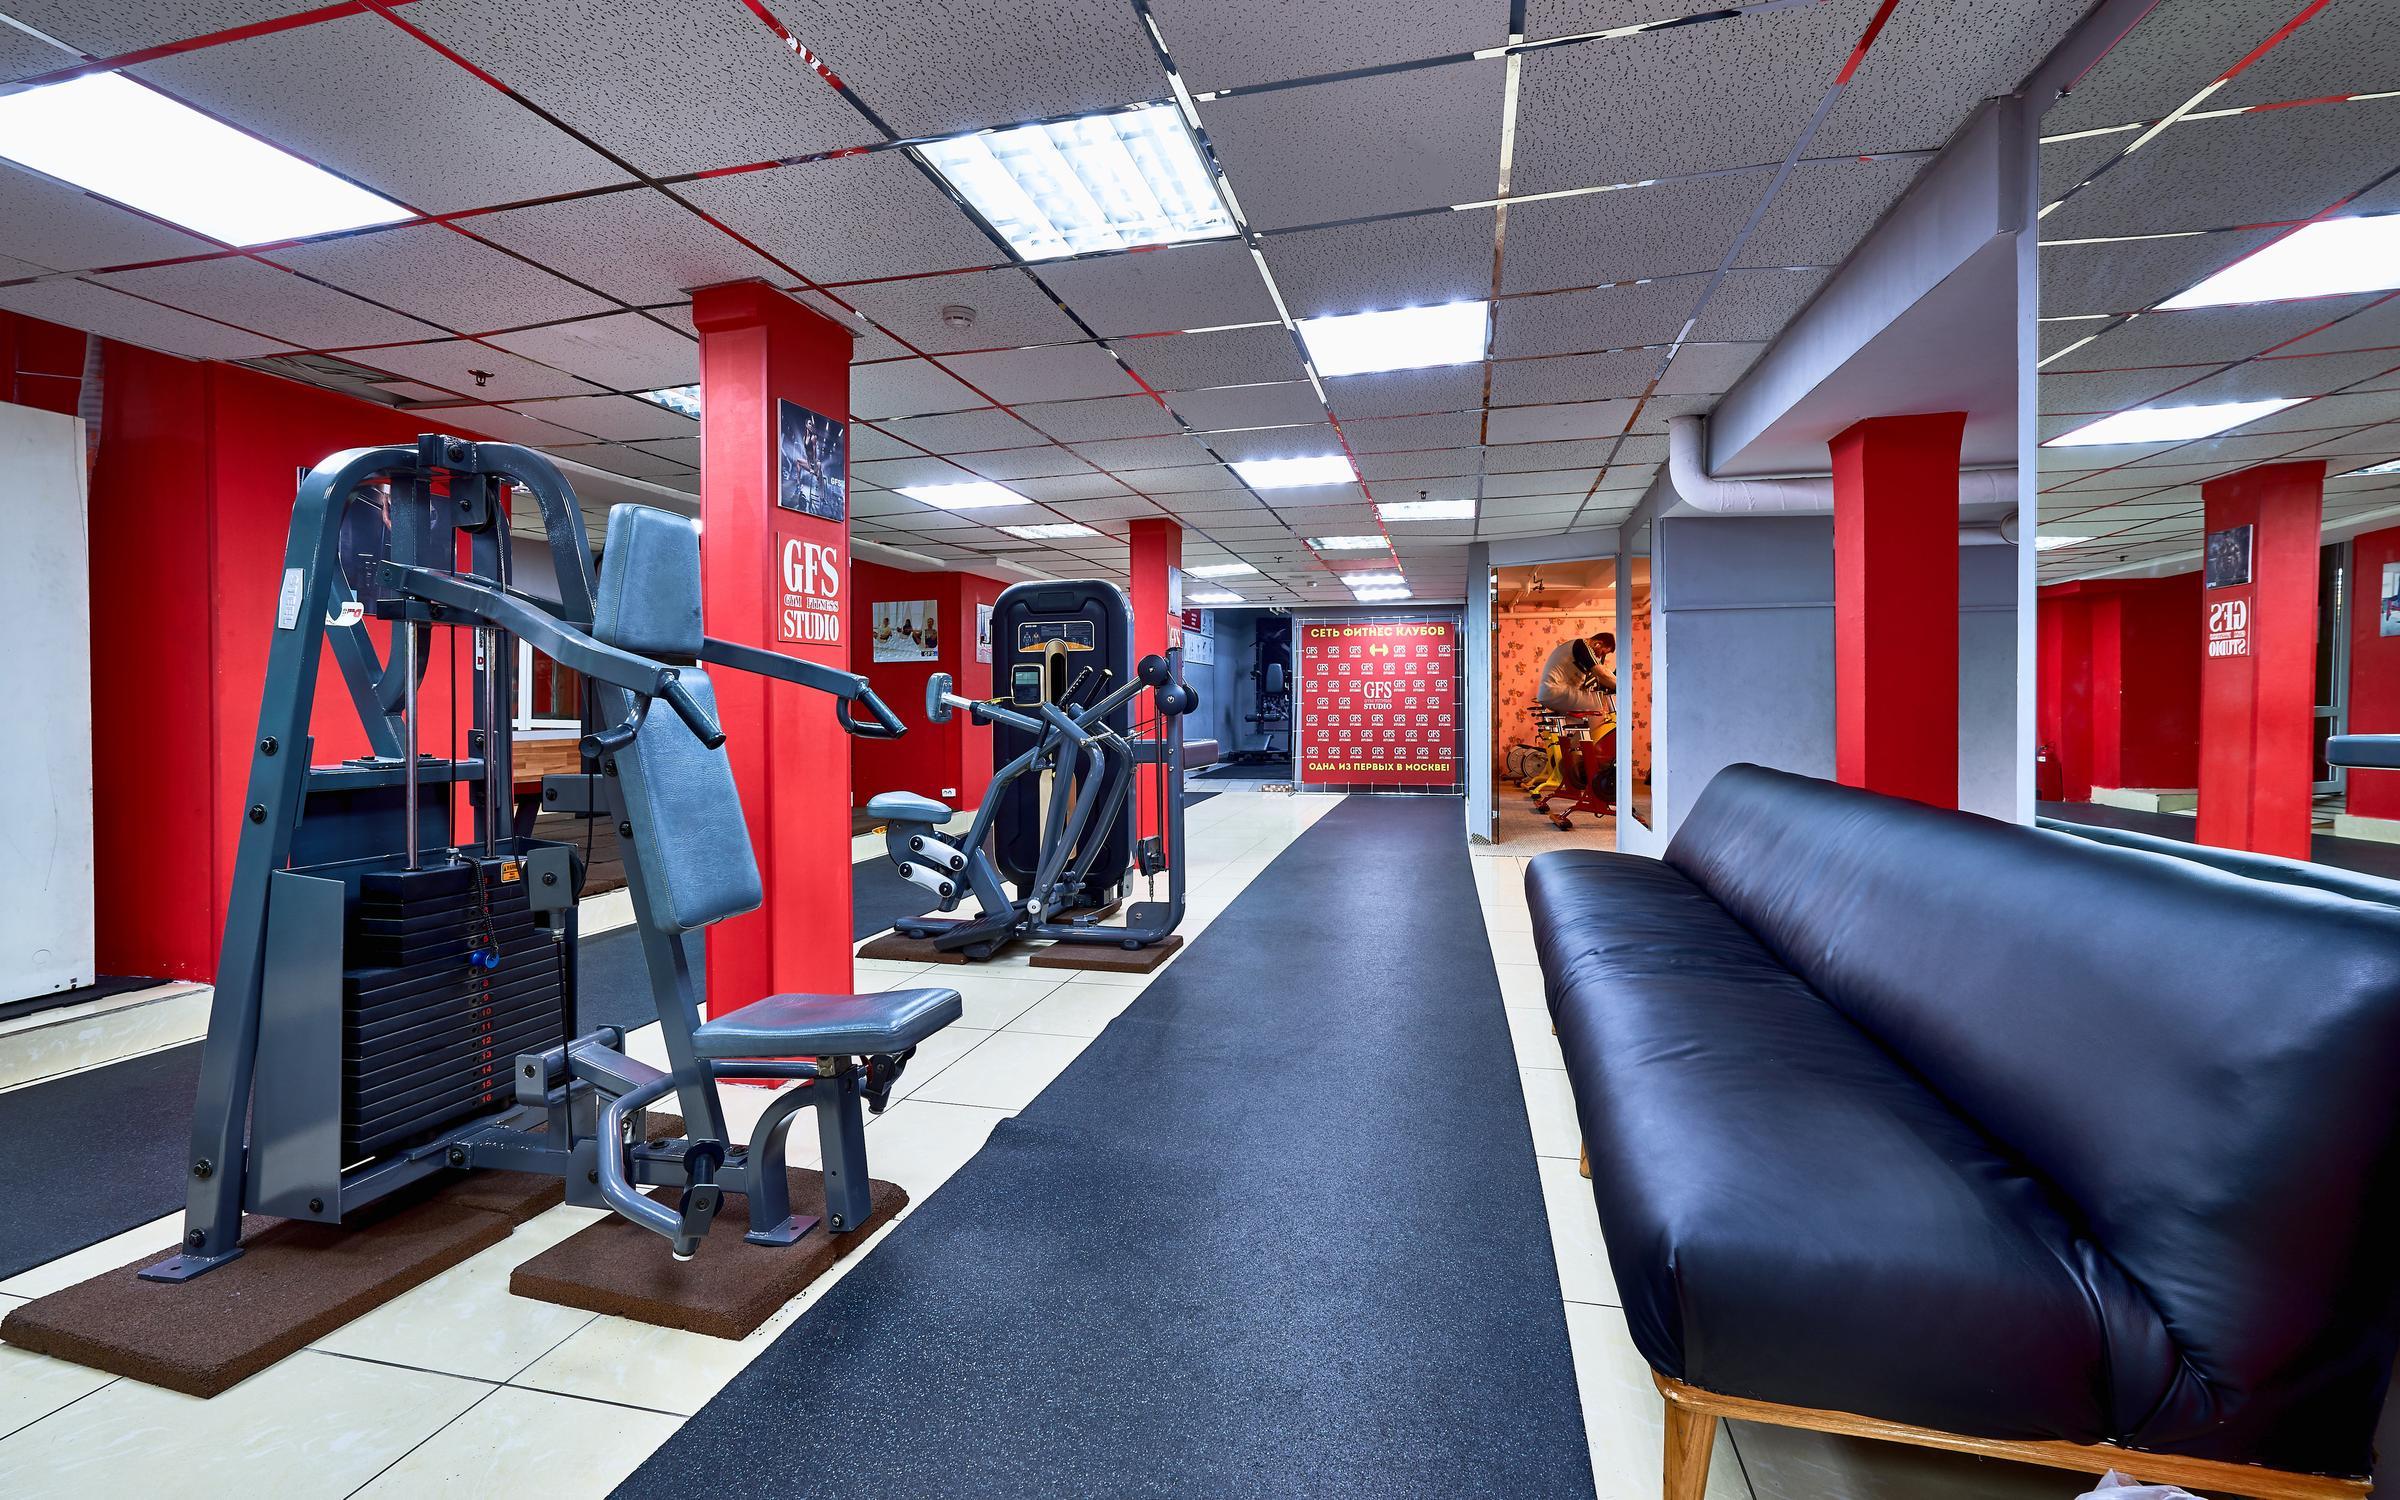 Преимущества фитнес-клубов gold's fitness.